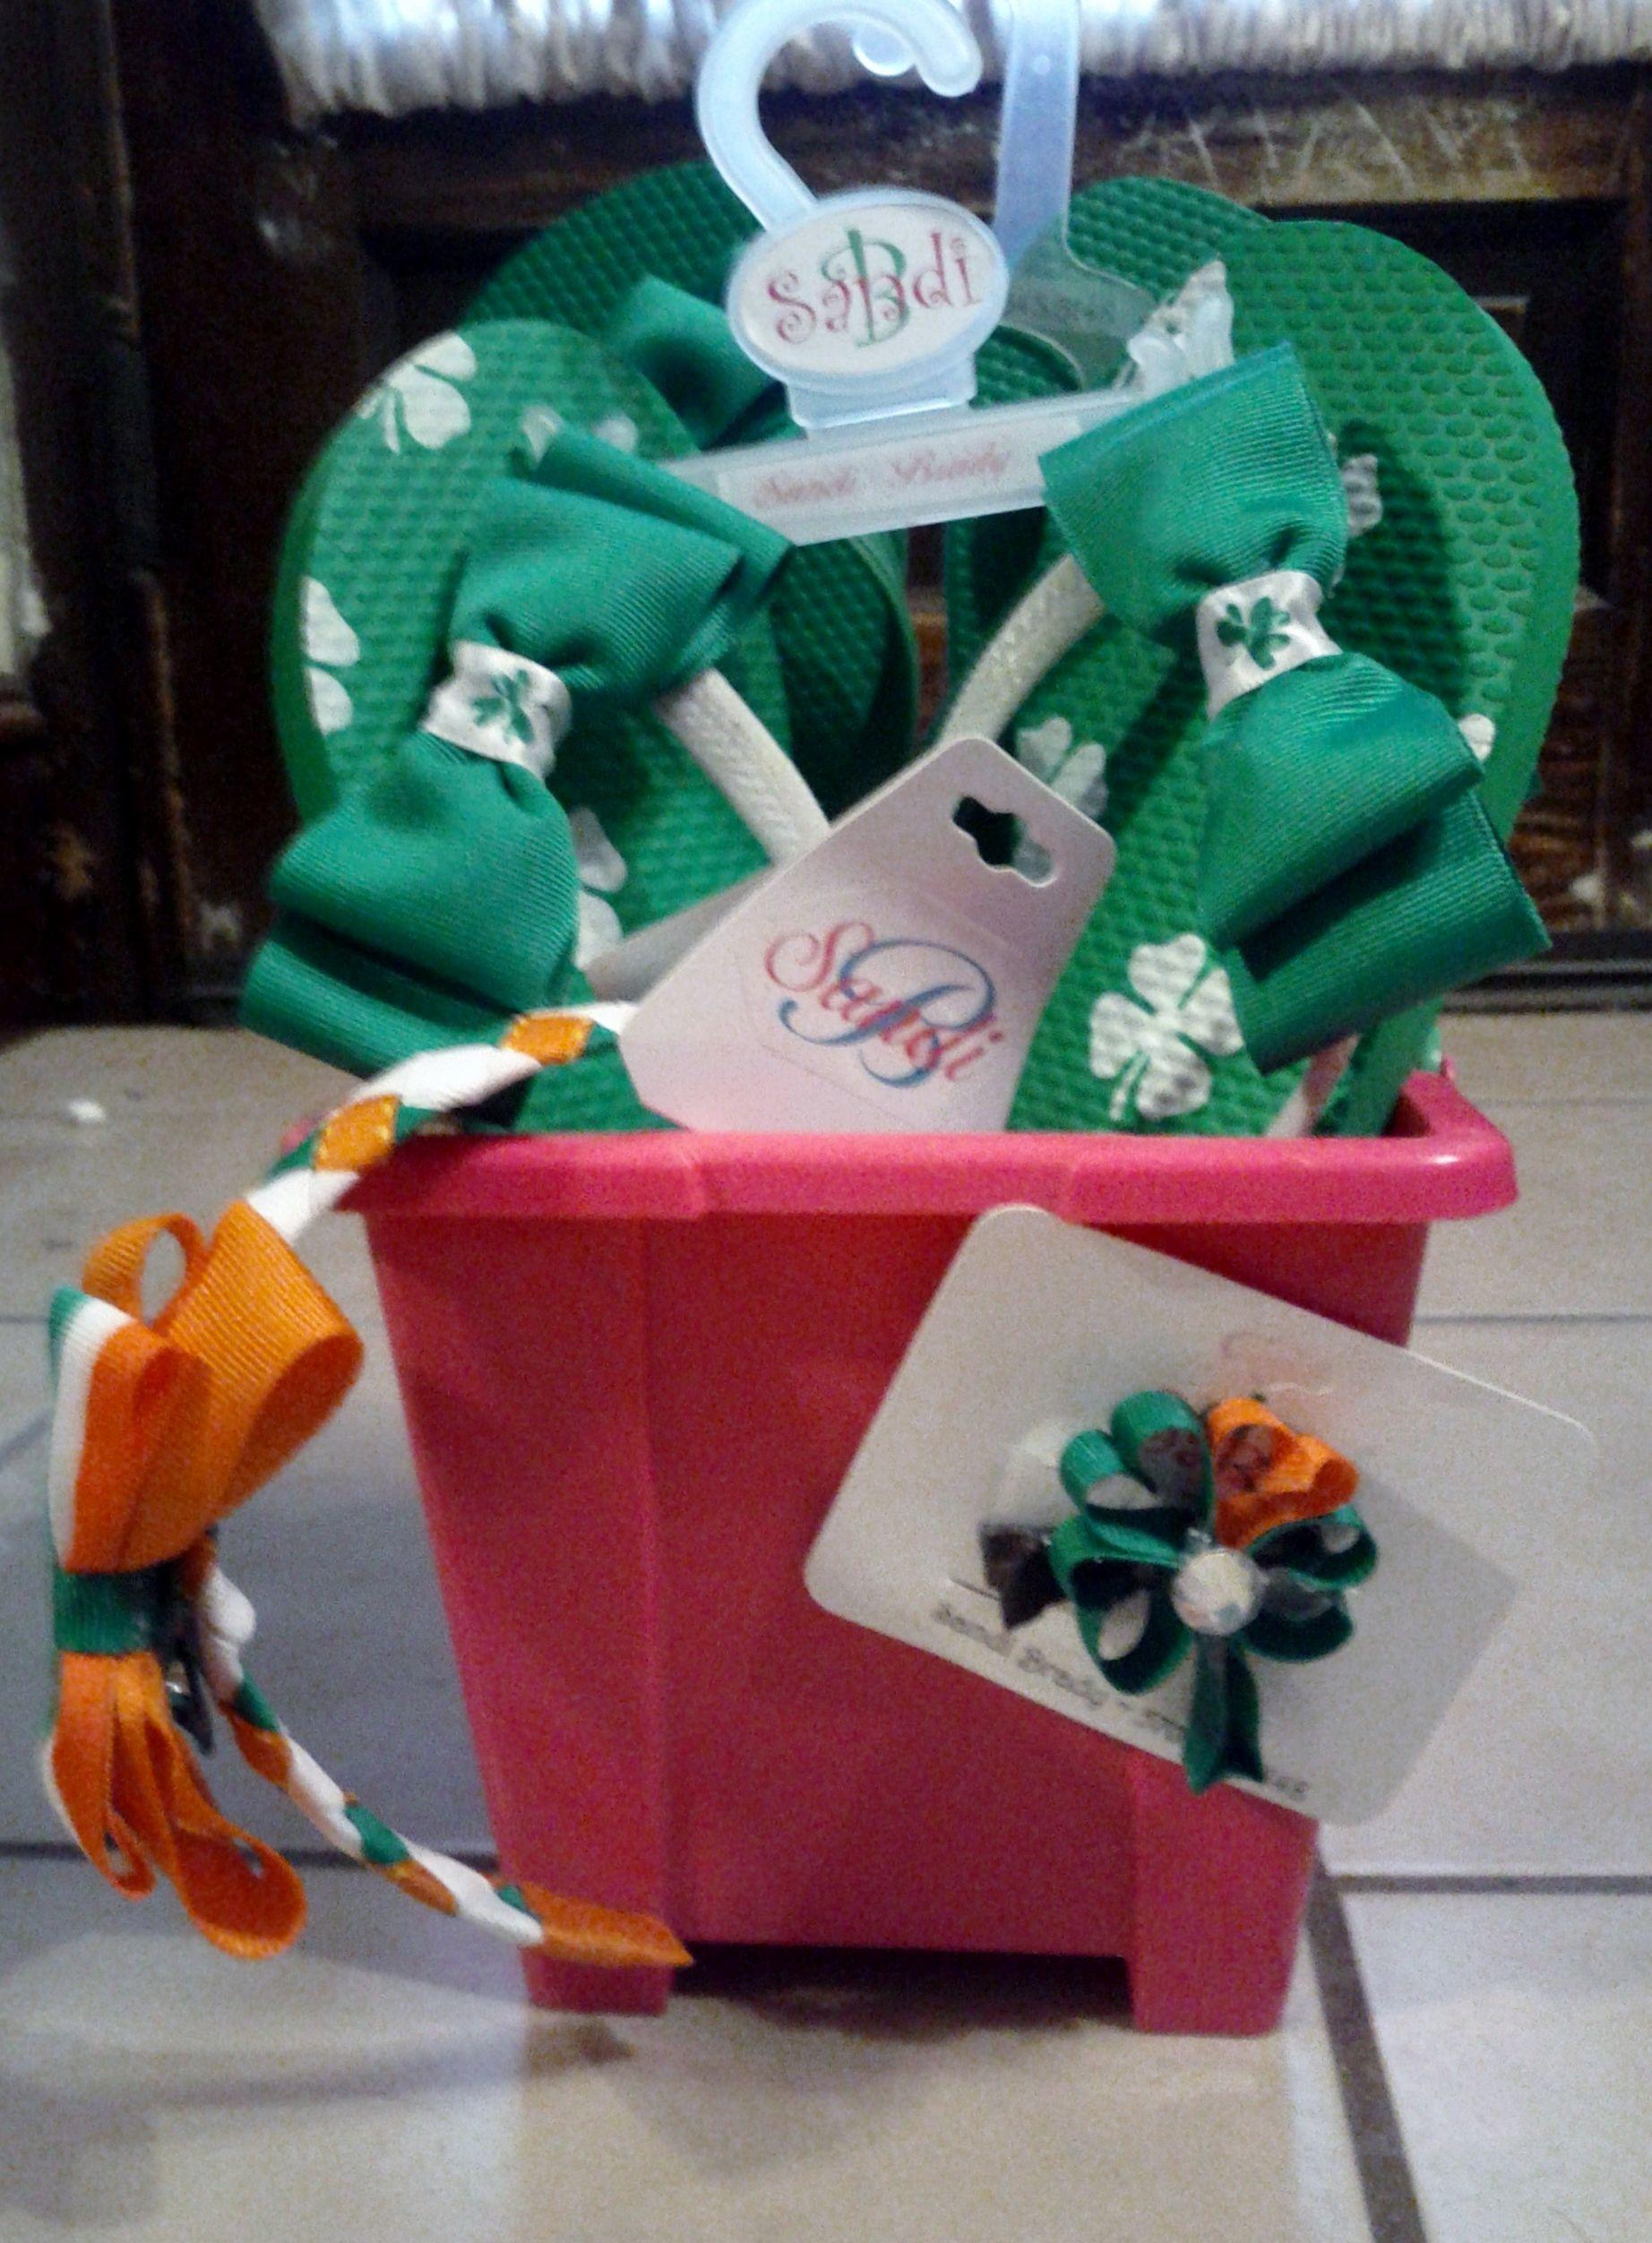 Irish Child Birthday Gift! Birthday gifts for kids, Kids